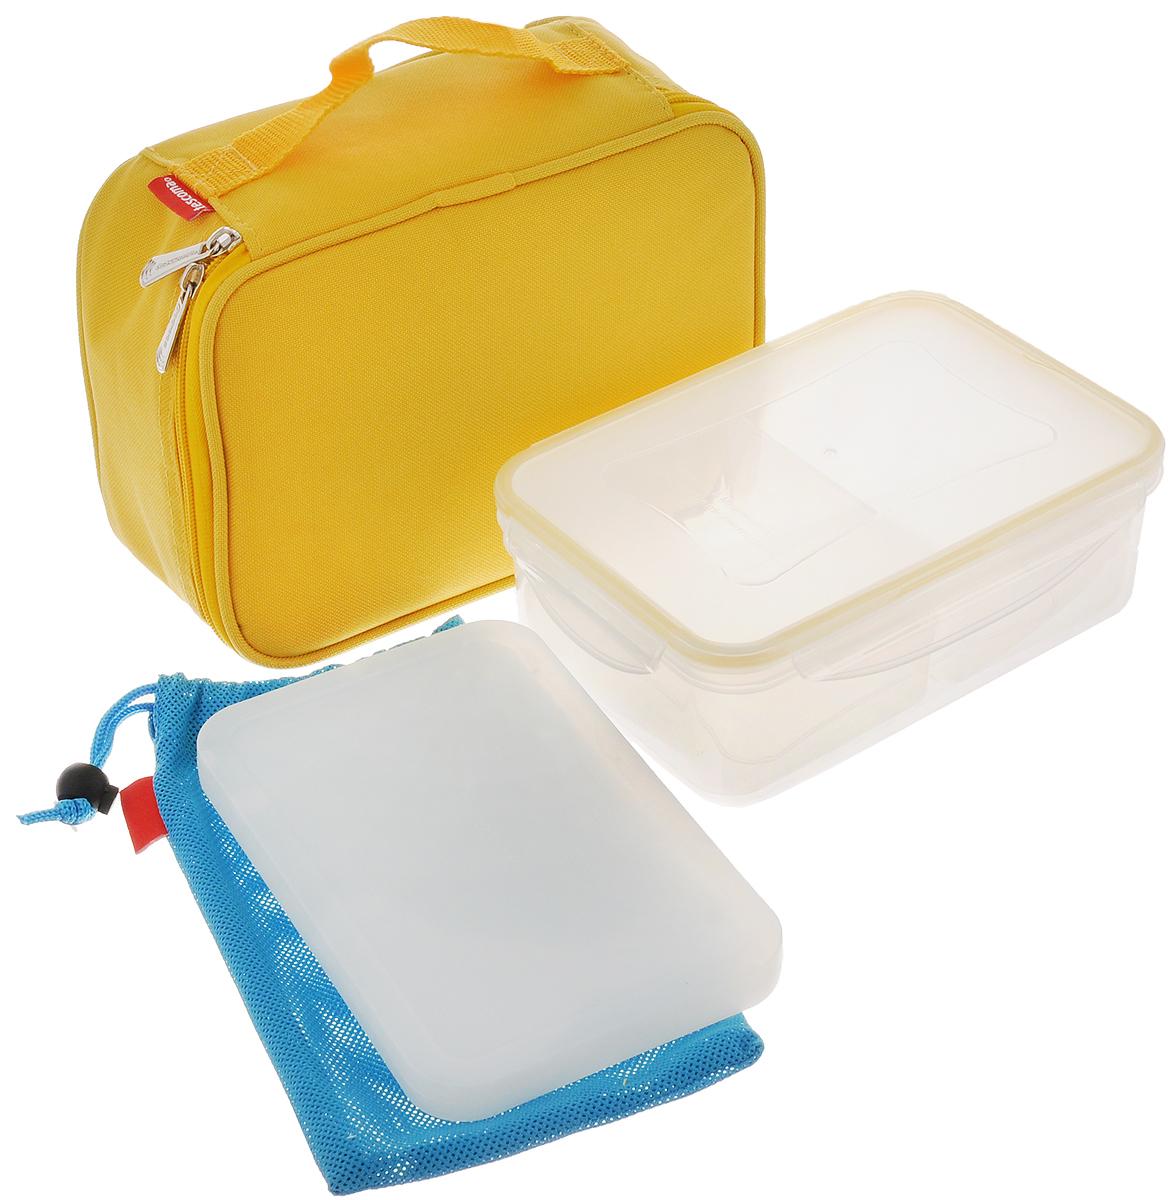 Термосумка Tescoma Сoolbag, с гелевым охладителем, с контейнером, цвет: желтый, 24 х 18 х 9,5 см802900_черный, голубойТермосумка Tescoma Сoolbag отлично подходит для хранения охлажденных фруктов, салатов, соусов, десертов и многого другого. В жаркий день блюда остаются холодными, при переноске не вытекают.Сумка, выполненная из полиэстера, имеет эффективную теплоизоляционную подкладку с алюминиевой фольгой. Изделие закрывается на молнию, снабжено боковой ручкой для удобной переноски. Внутри сетчатый карман для столовых приборов. Благодаря своим компактным размерам поместится в любую сумку. Гелевый охладитель позволит сохранить свежесть и вкус продуктов, а чехол обеспечит защиту против конденсации.В комплекте с термосумкой поставляется пищевой контейнер, выполненный из пластика. Контейнер оснащен двумя вкладышами для раздельного хранения двух различных продуктов одновременно. Крышка с силиконовой прослойкой и защелками с четырех сторон полностью герметична. Такой контейнер водонепроницаем, отлично подходит даже для переноски жидких блюд. Не впитывает запахов и не окрашивается в цвет пищи, материал изделия приятен на ощупь. Термосумка подходит для ручной стирки. Контейнер можно использовать для разогревания пищи в микроволновой печи, а также для замораживания продуктов. Легко моется в посудомоечной машине. Гелевый охладитель подходит для использования в морозильной камере. Не рекомендуется мыть в посудомоечной машине.Размер контейнера: 22 х 15,5 х 7,5 см. Размер вкладыша для контейнера: 12,7 х 9,8 х 5,6 см. Размер охладителя: 19,3 х 12,6 х 1,5 см.Размер термосумки: 24 х 18 х 9,5 см.